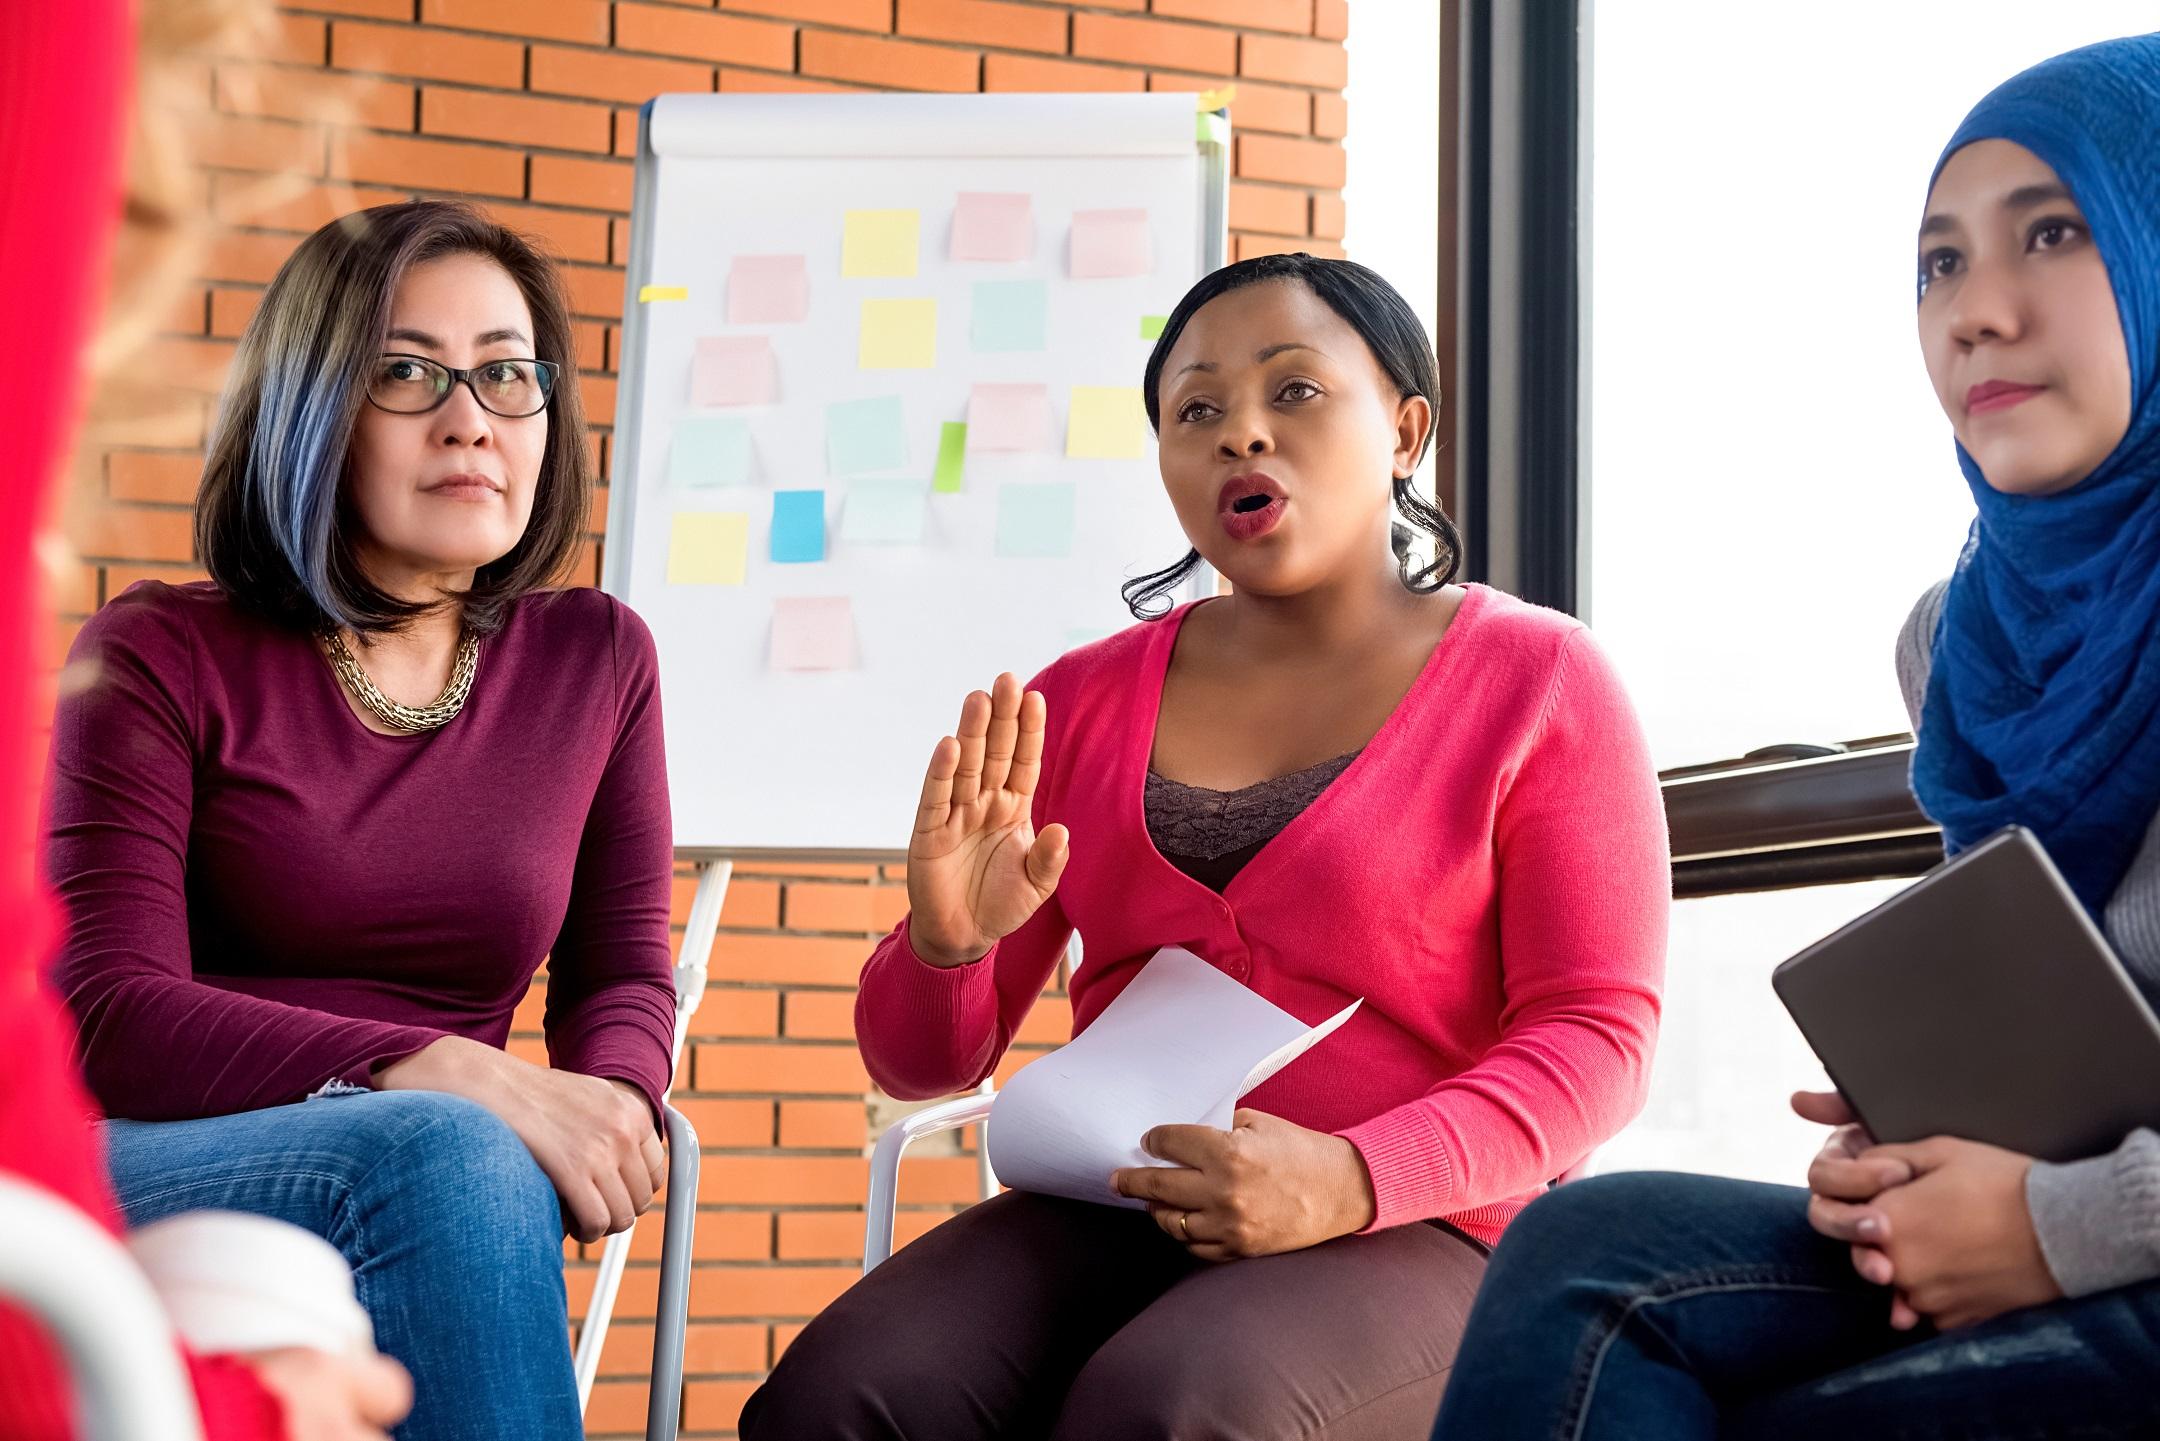 Diverse_women_at_meeting